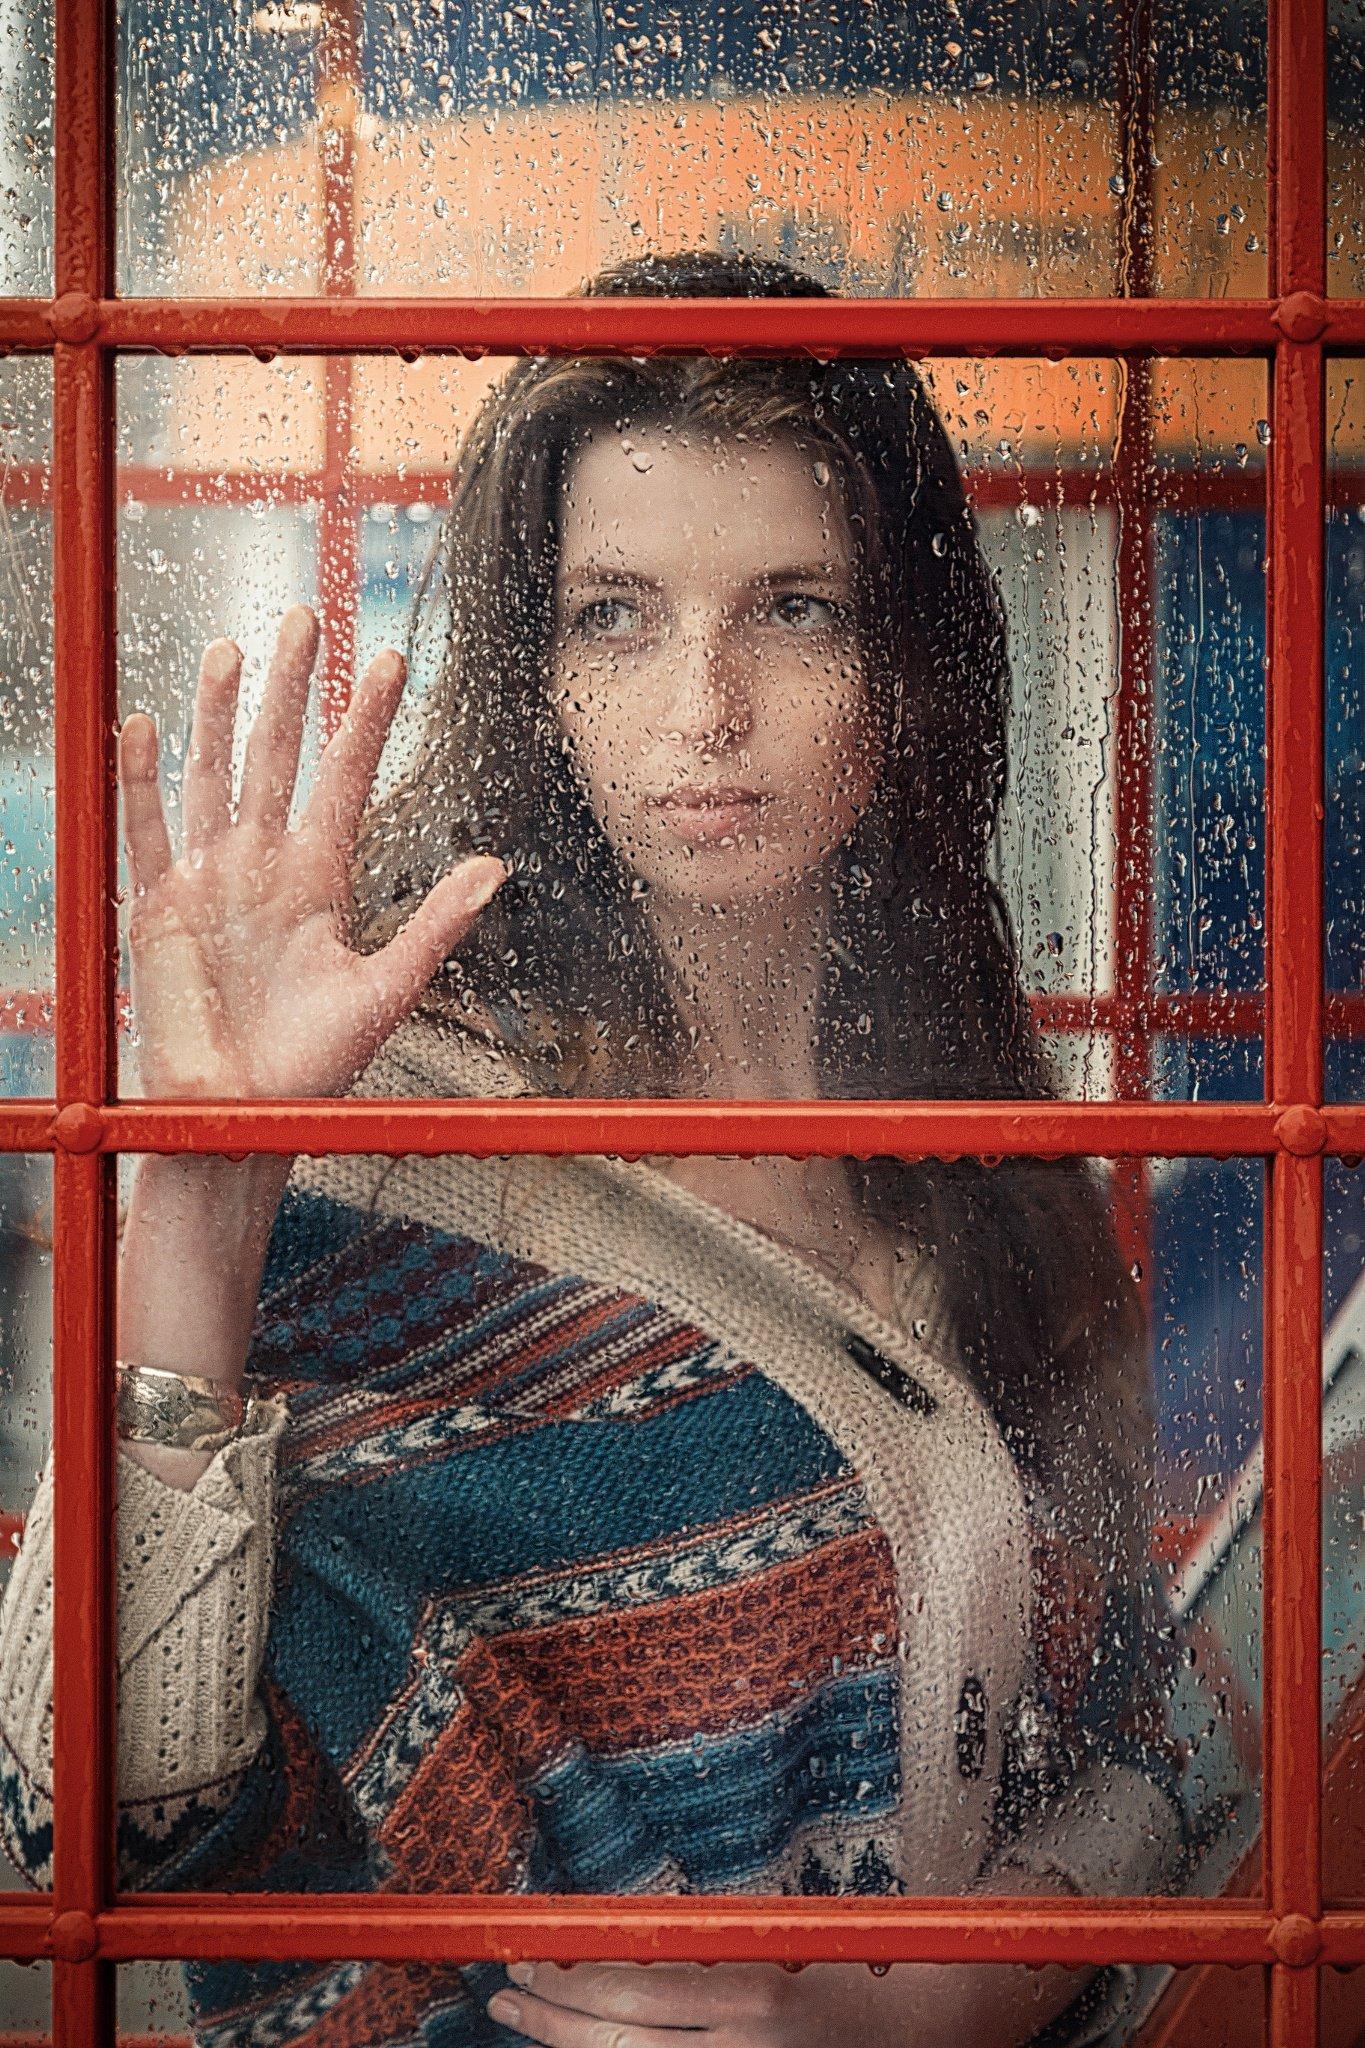 натуральный или фото сайты обои человек за стеклом представляет собой